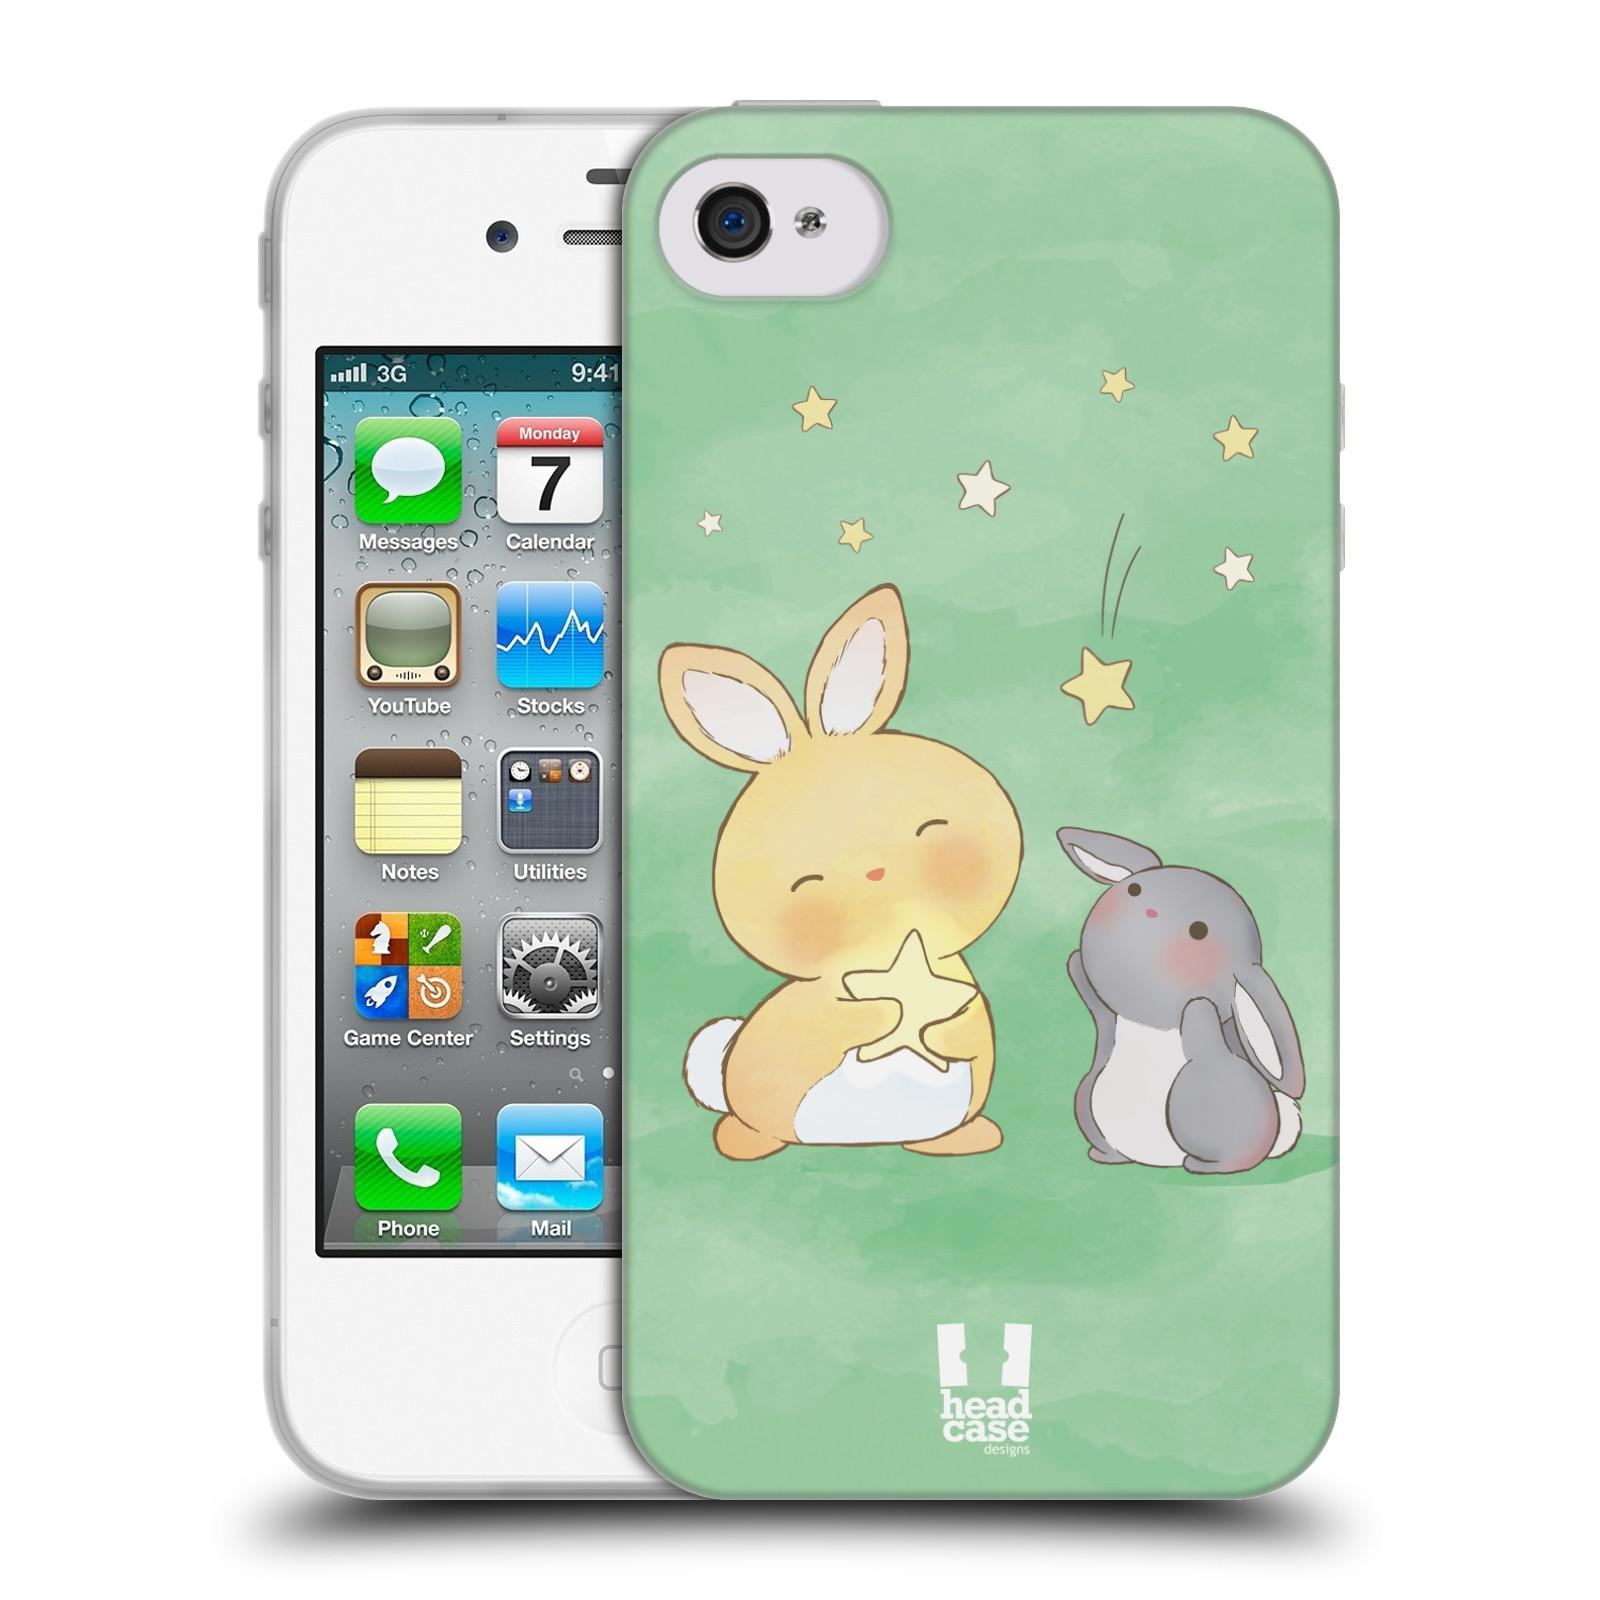 HEAD CASE silikonový obal na mobil Apple Iphone 4/4S vzor králíček a hvězdy zelená